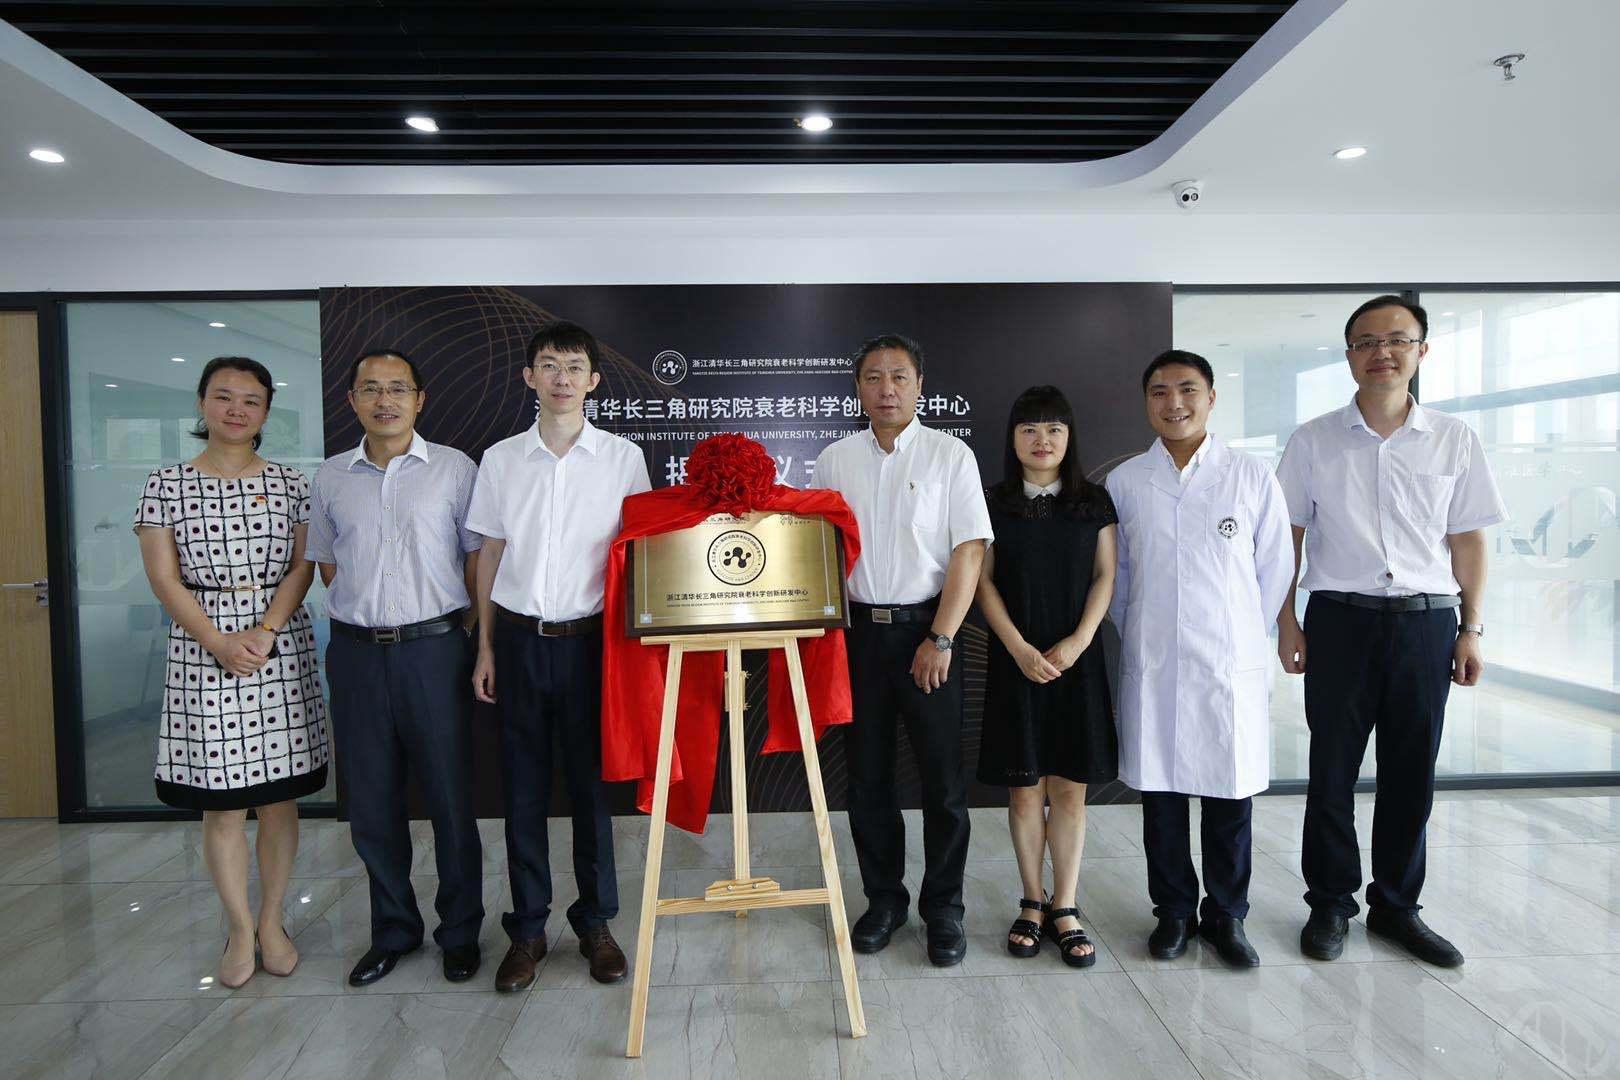 【奢生活】浙江清华长三角研究院衰老科学创新研发中心正式揭牌成立